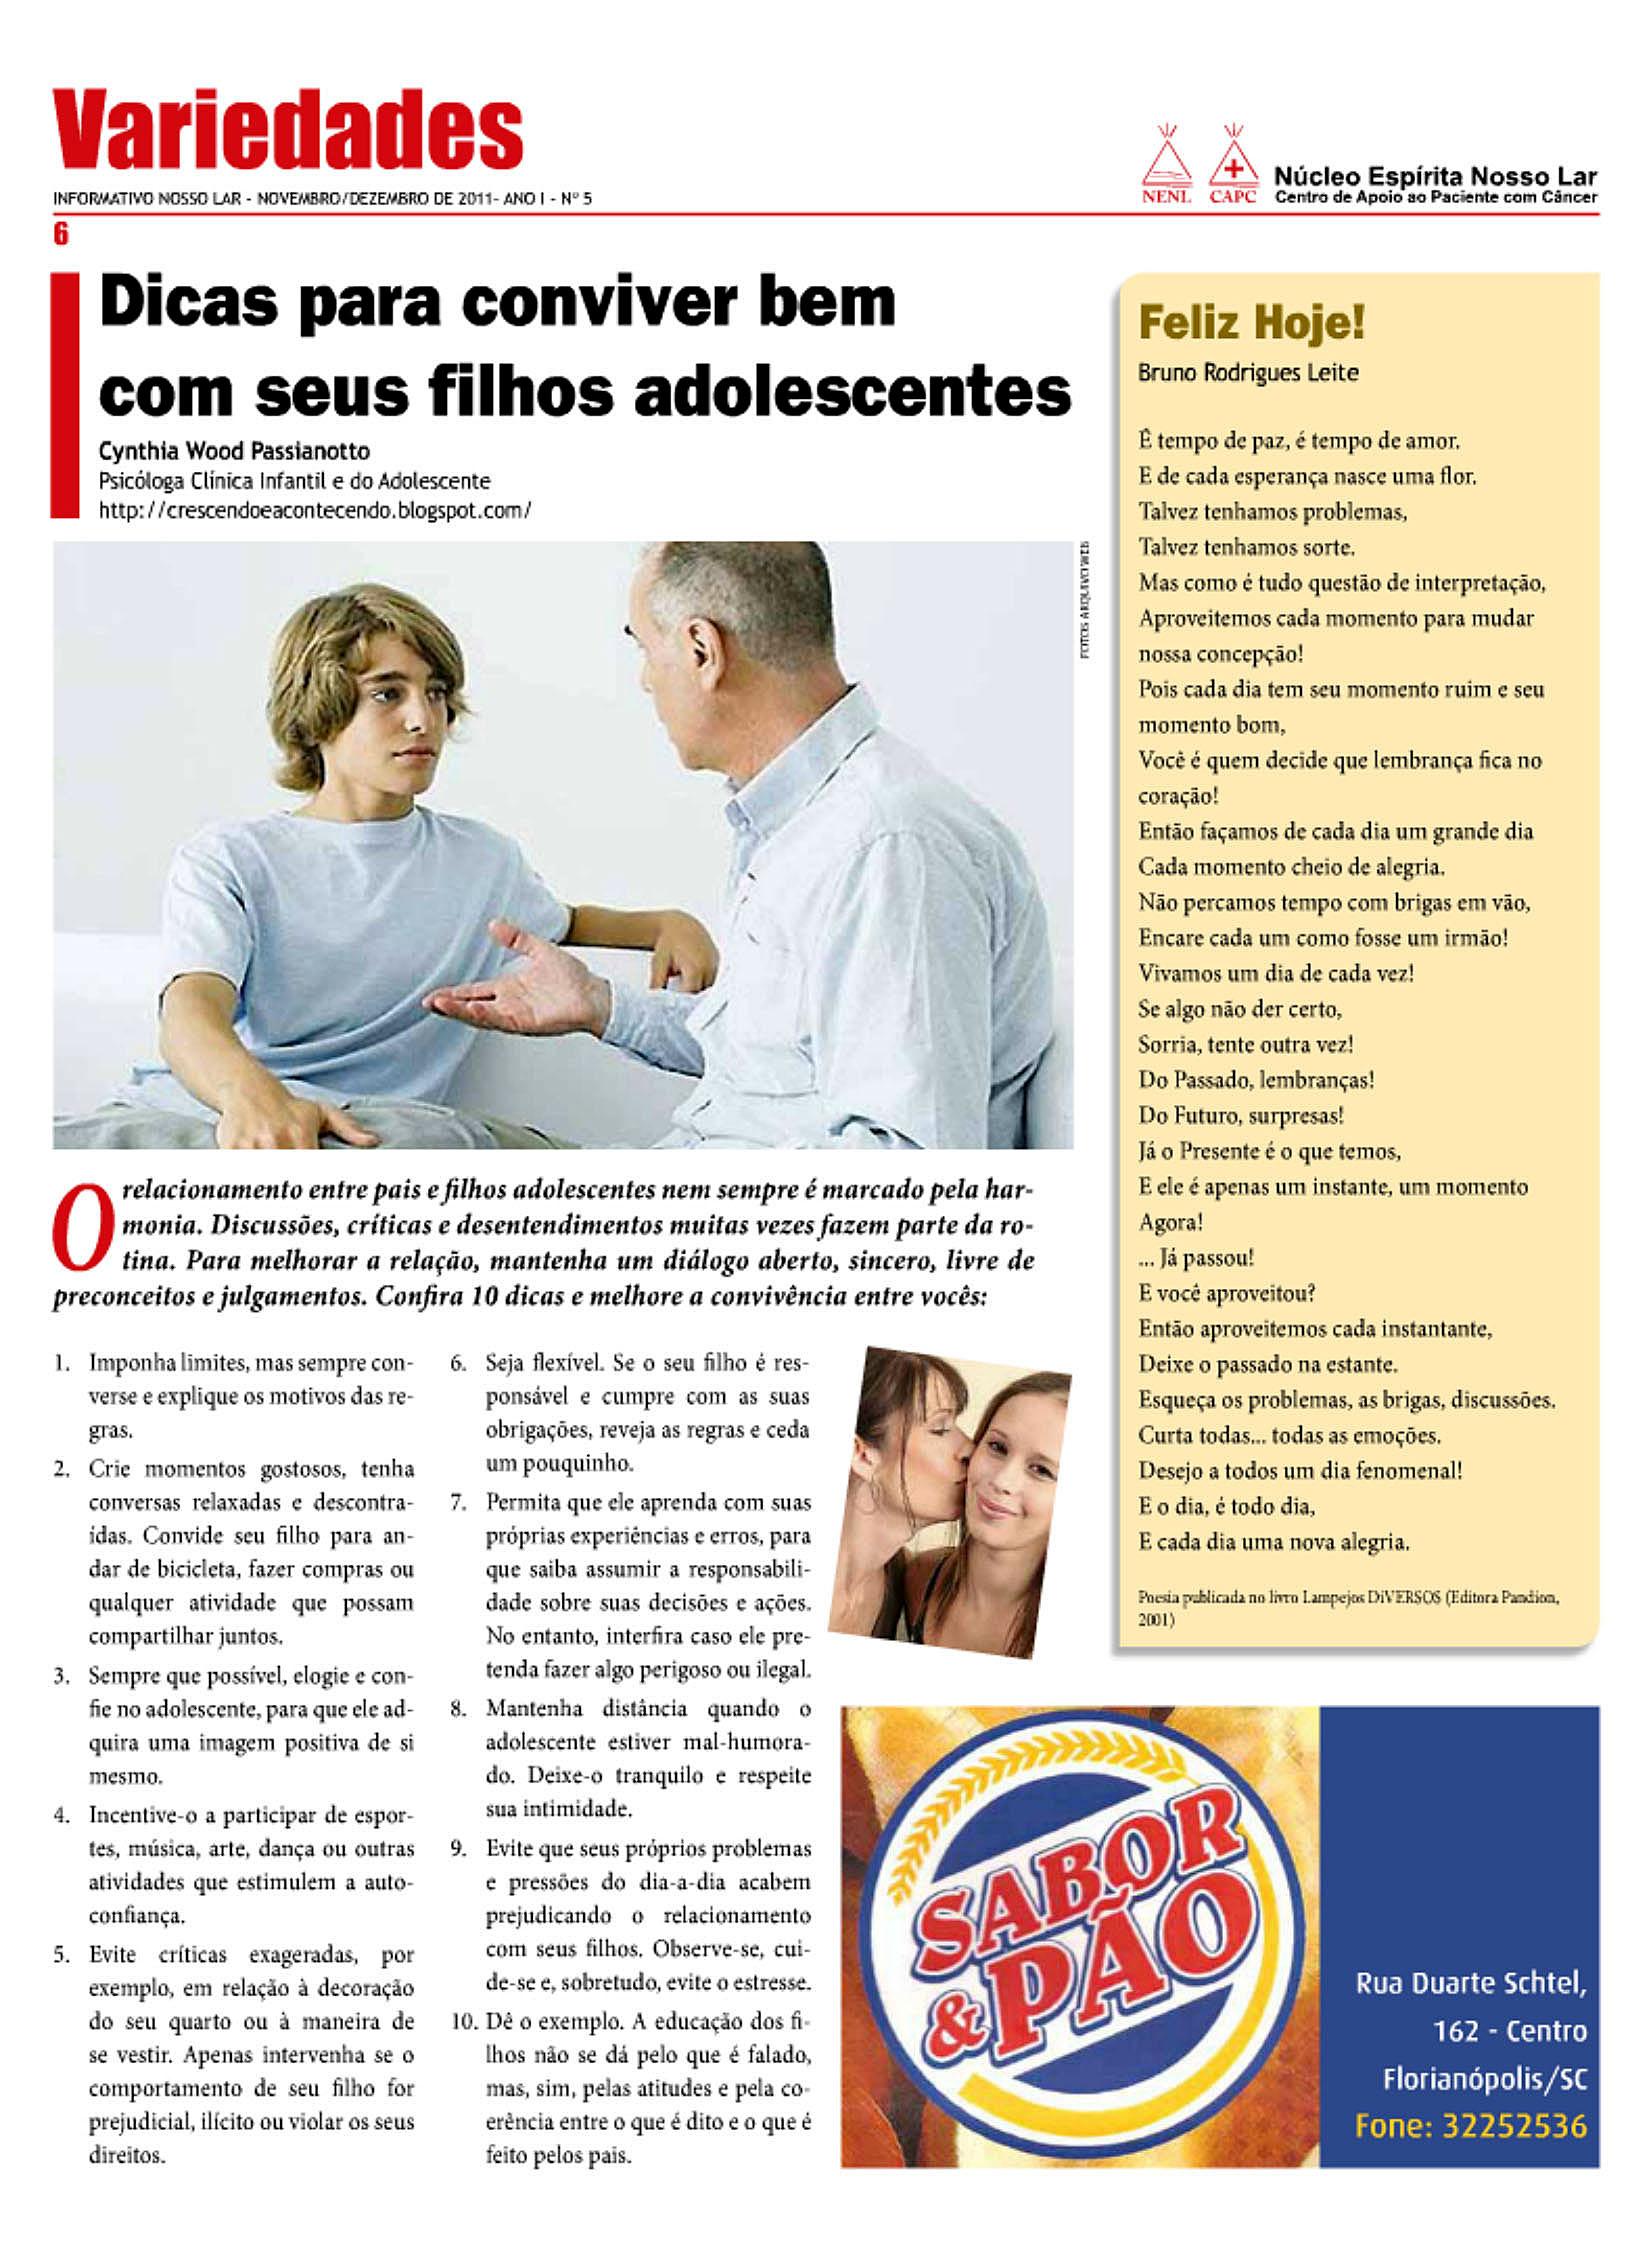 Informativo Nosso Lar - 2011